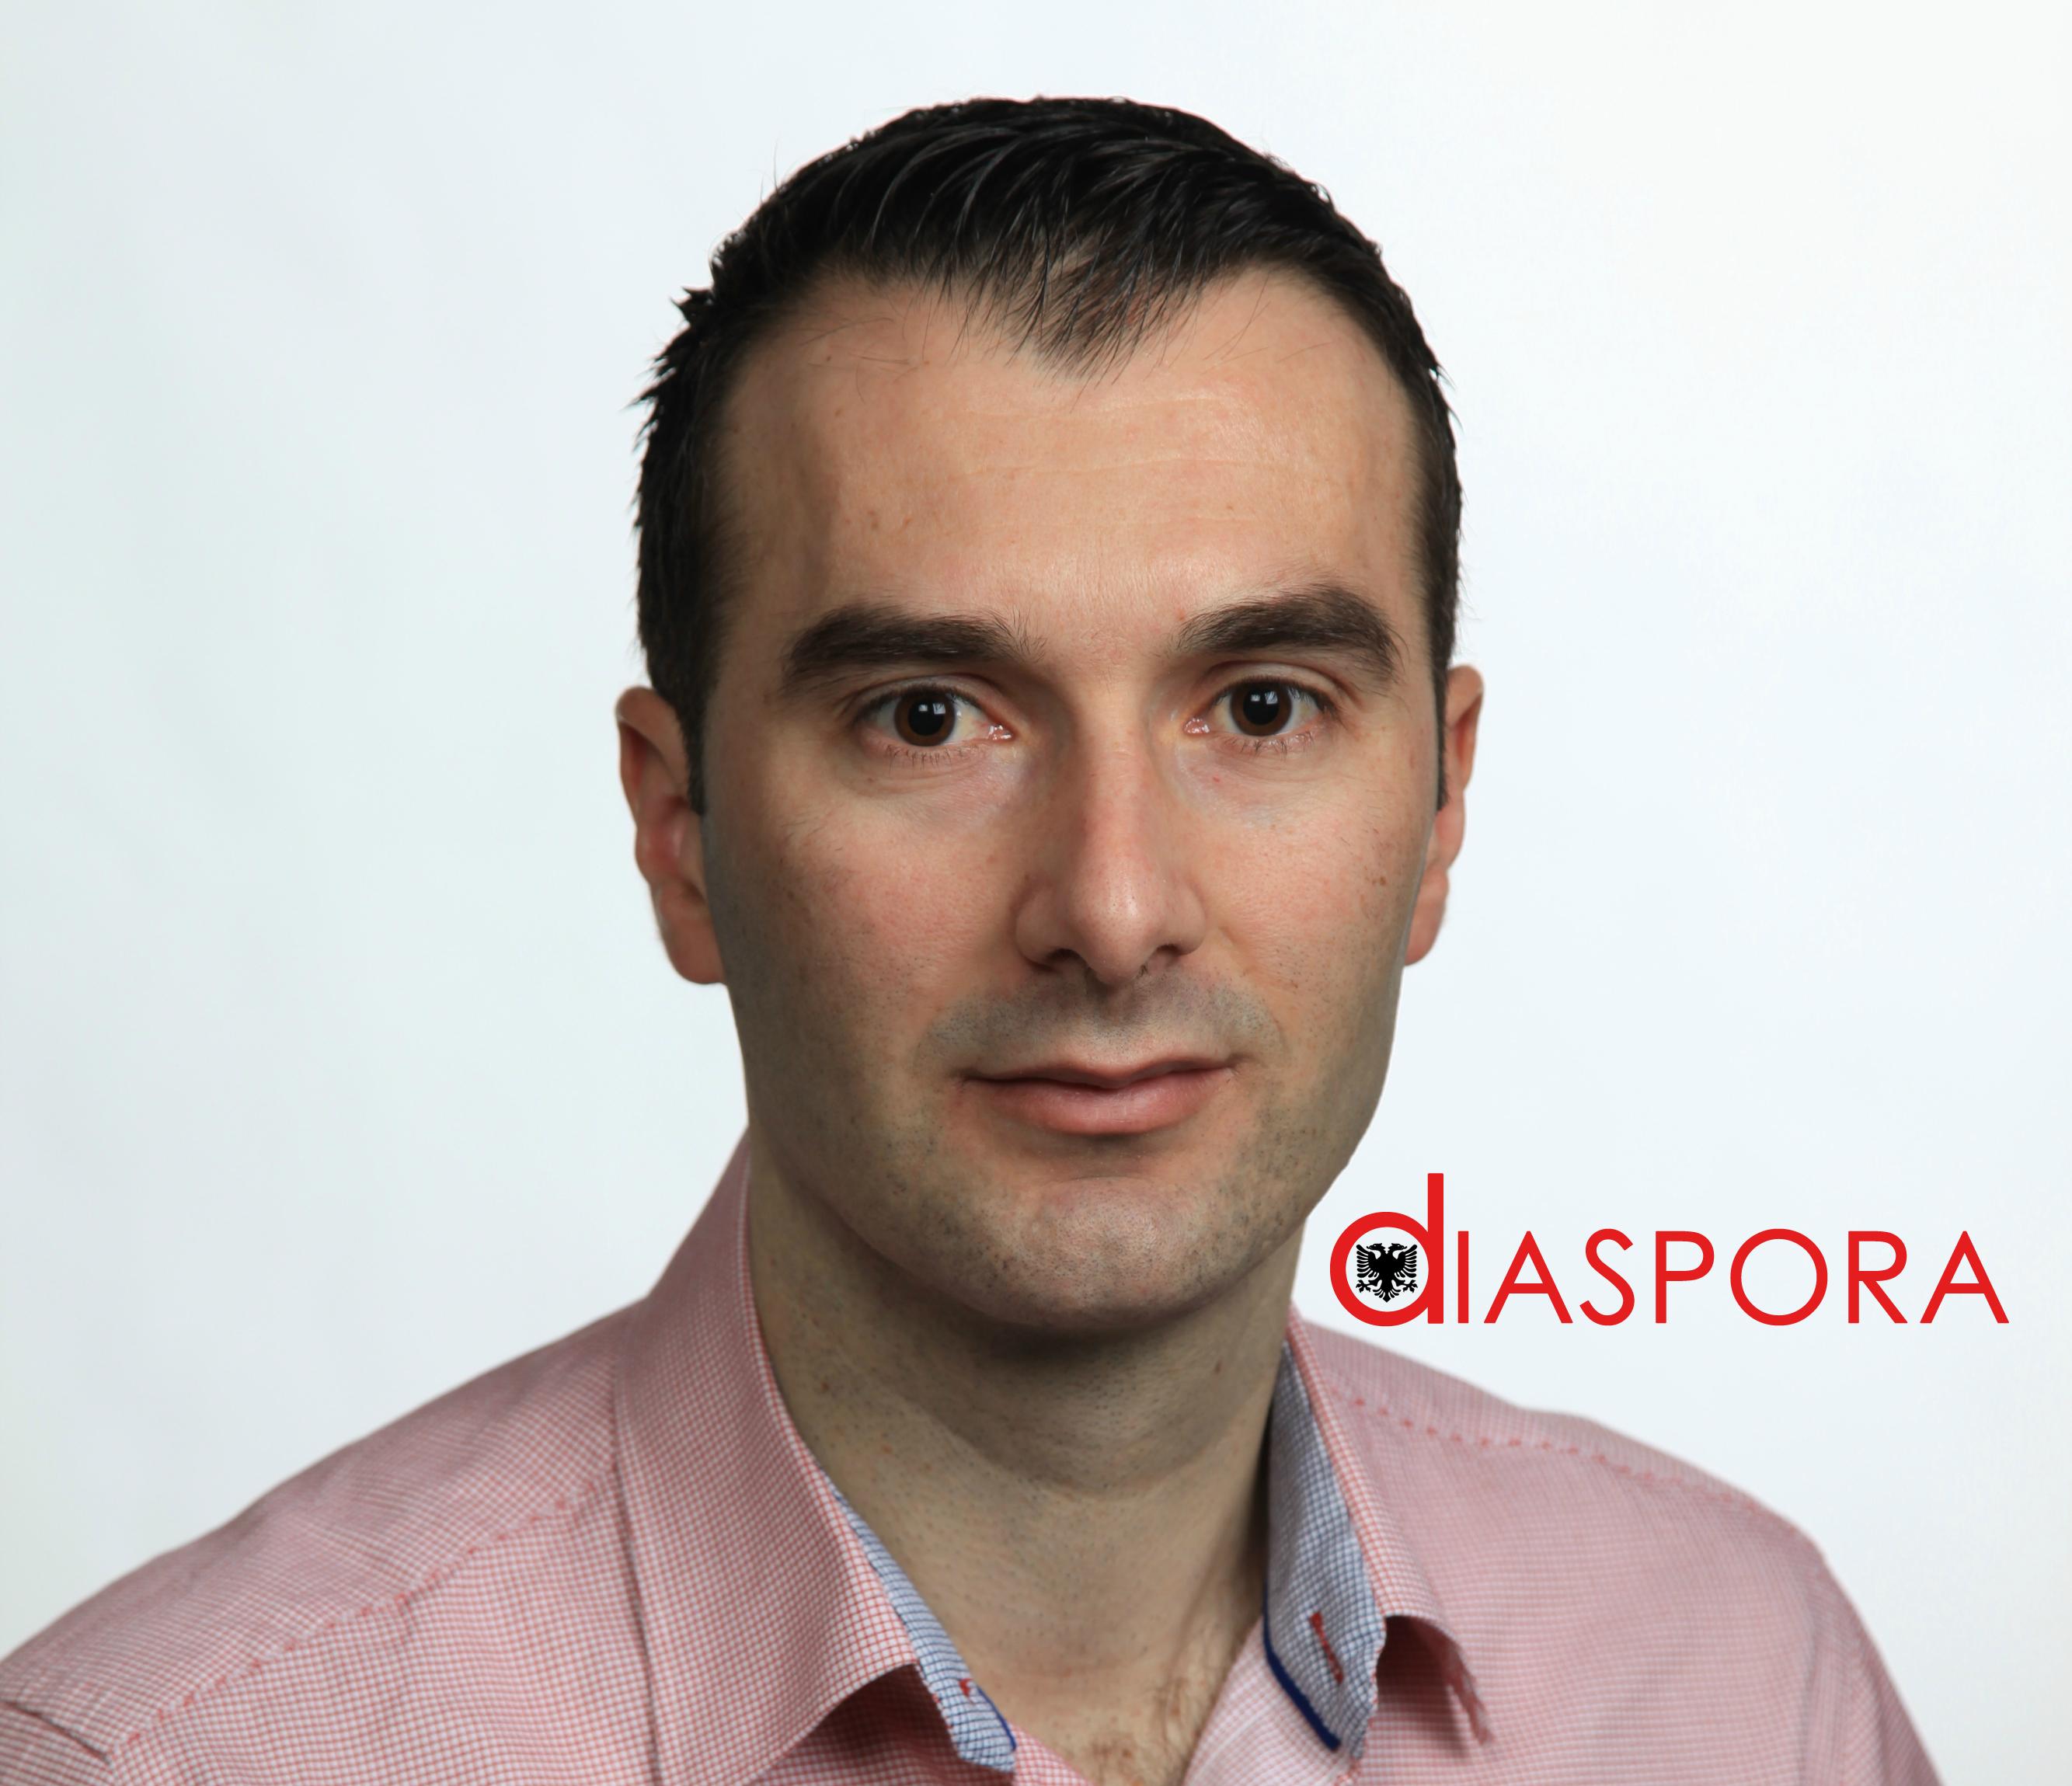 Nga Opojari vjen projekti më i njohur kushtuar Diasporës Shqiptare